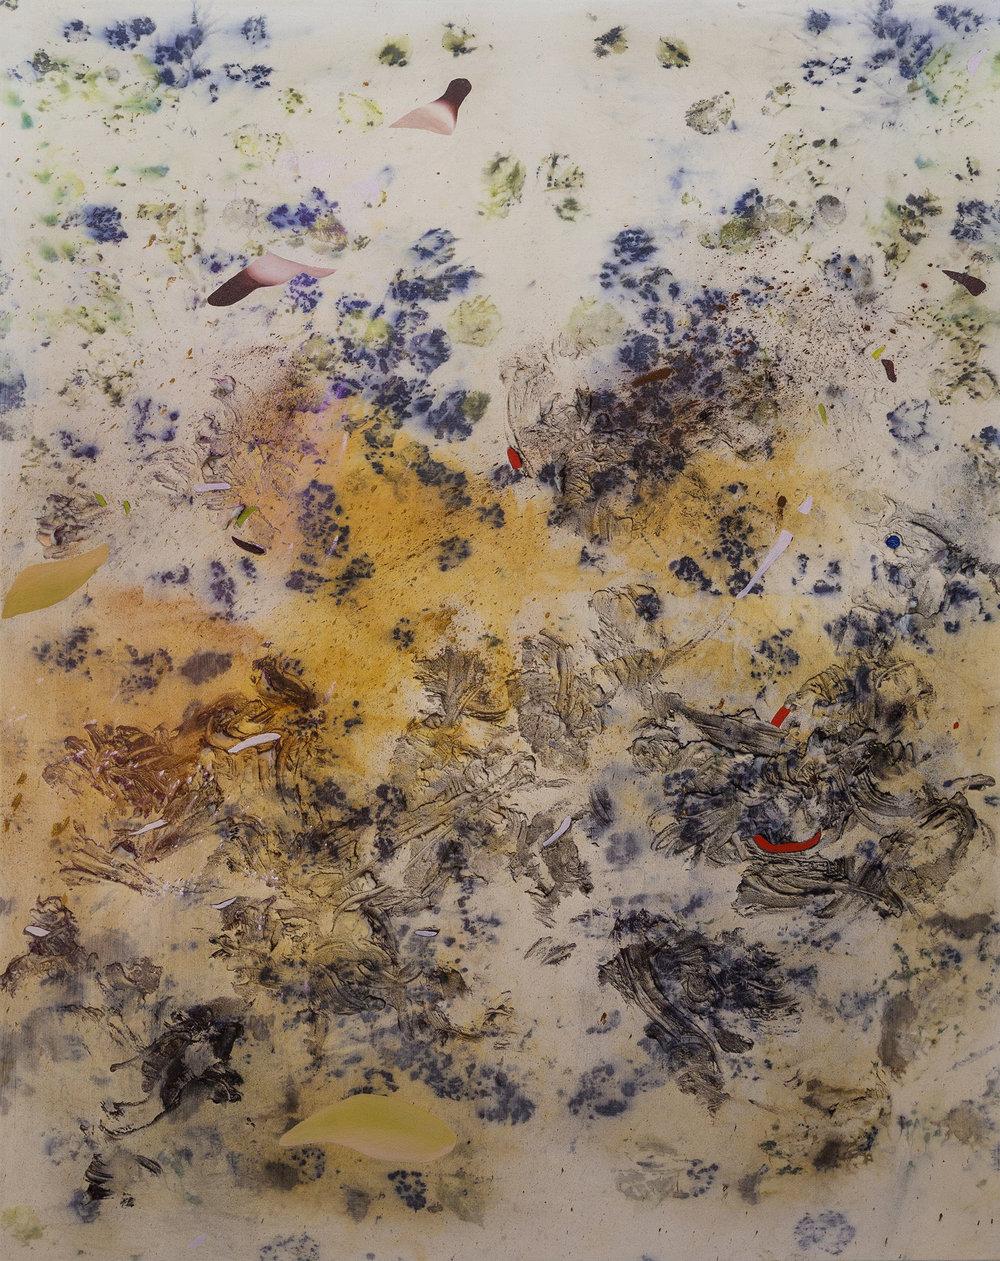 """Gillian King, Iron Yolks,  2018, médium à cire froide, huile, pigments bruts et divers matériaux végétaux (roses, fougères d'iris, peaux d'oignon, fleurs sauvages, et sédiments de rouille) sur toile, 154 x 122 cm (60"""" x 48"""")"""